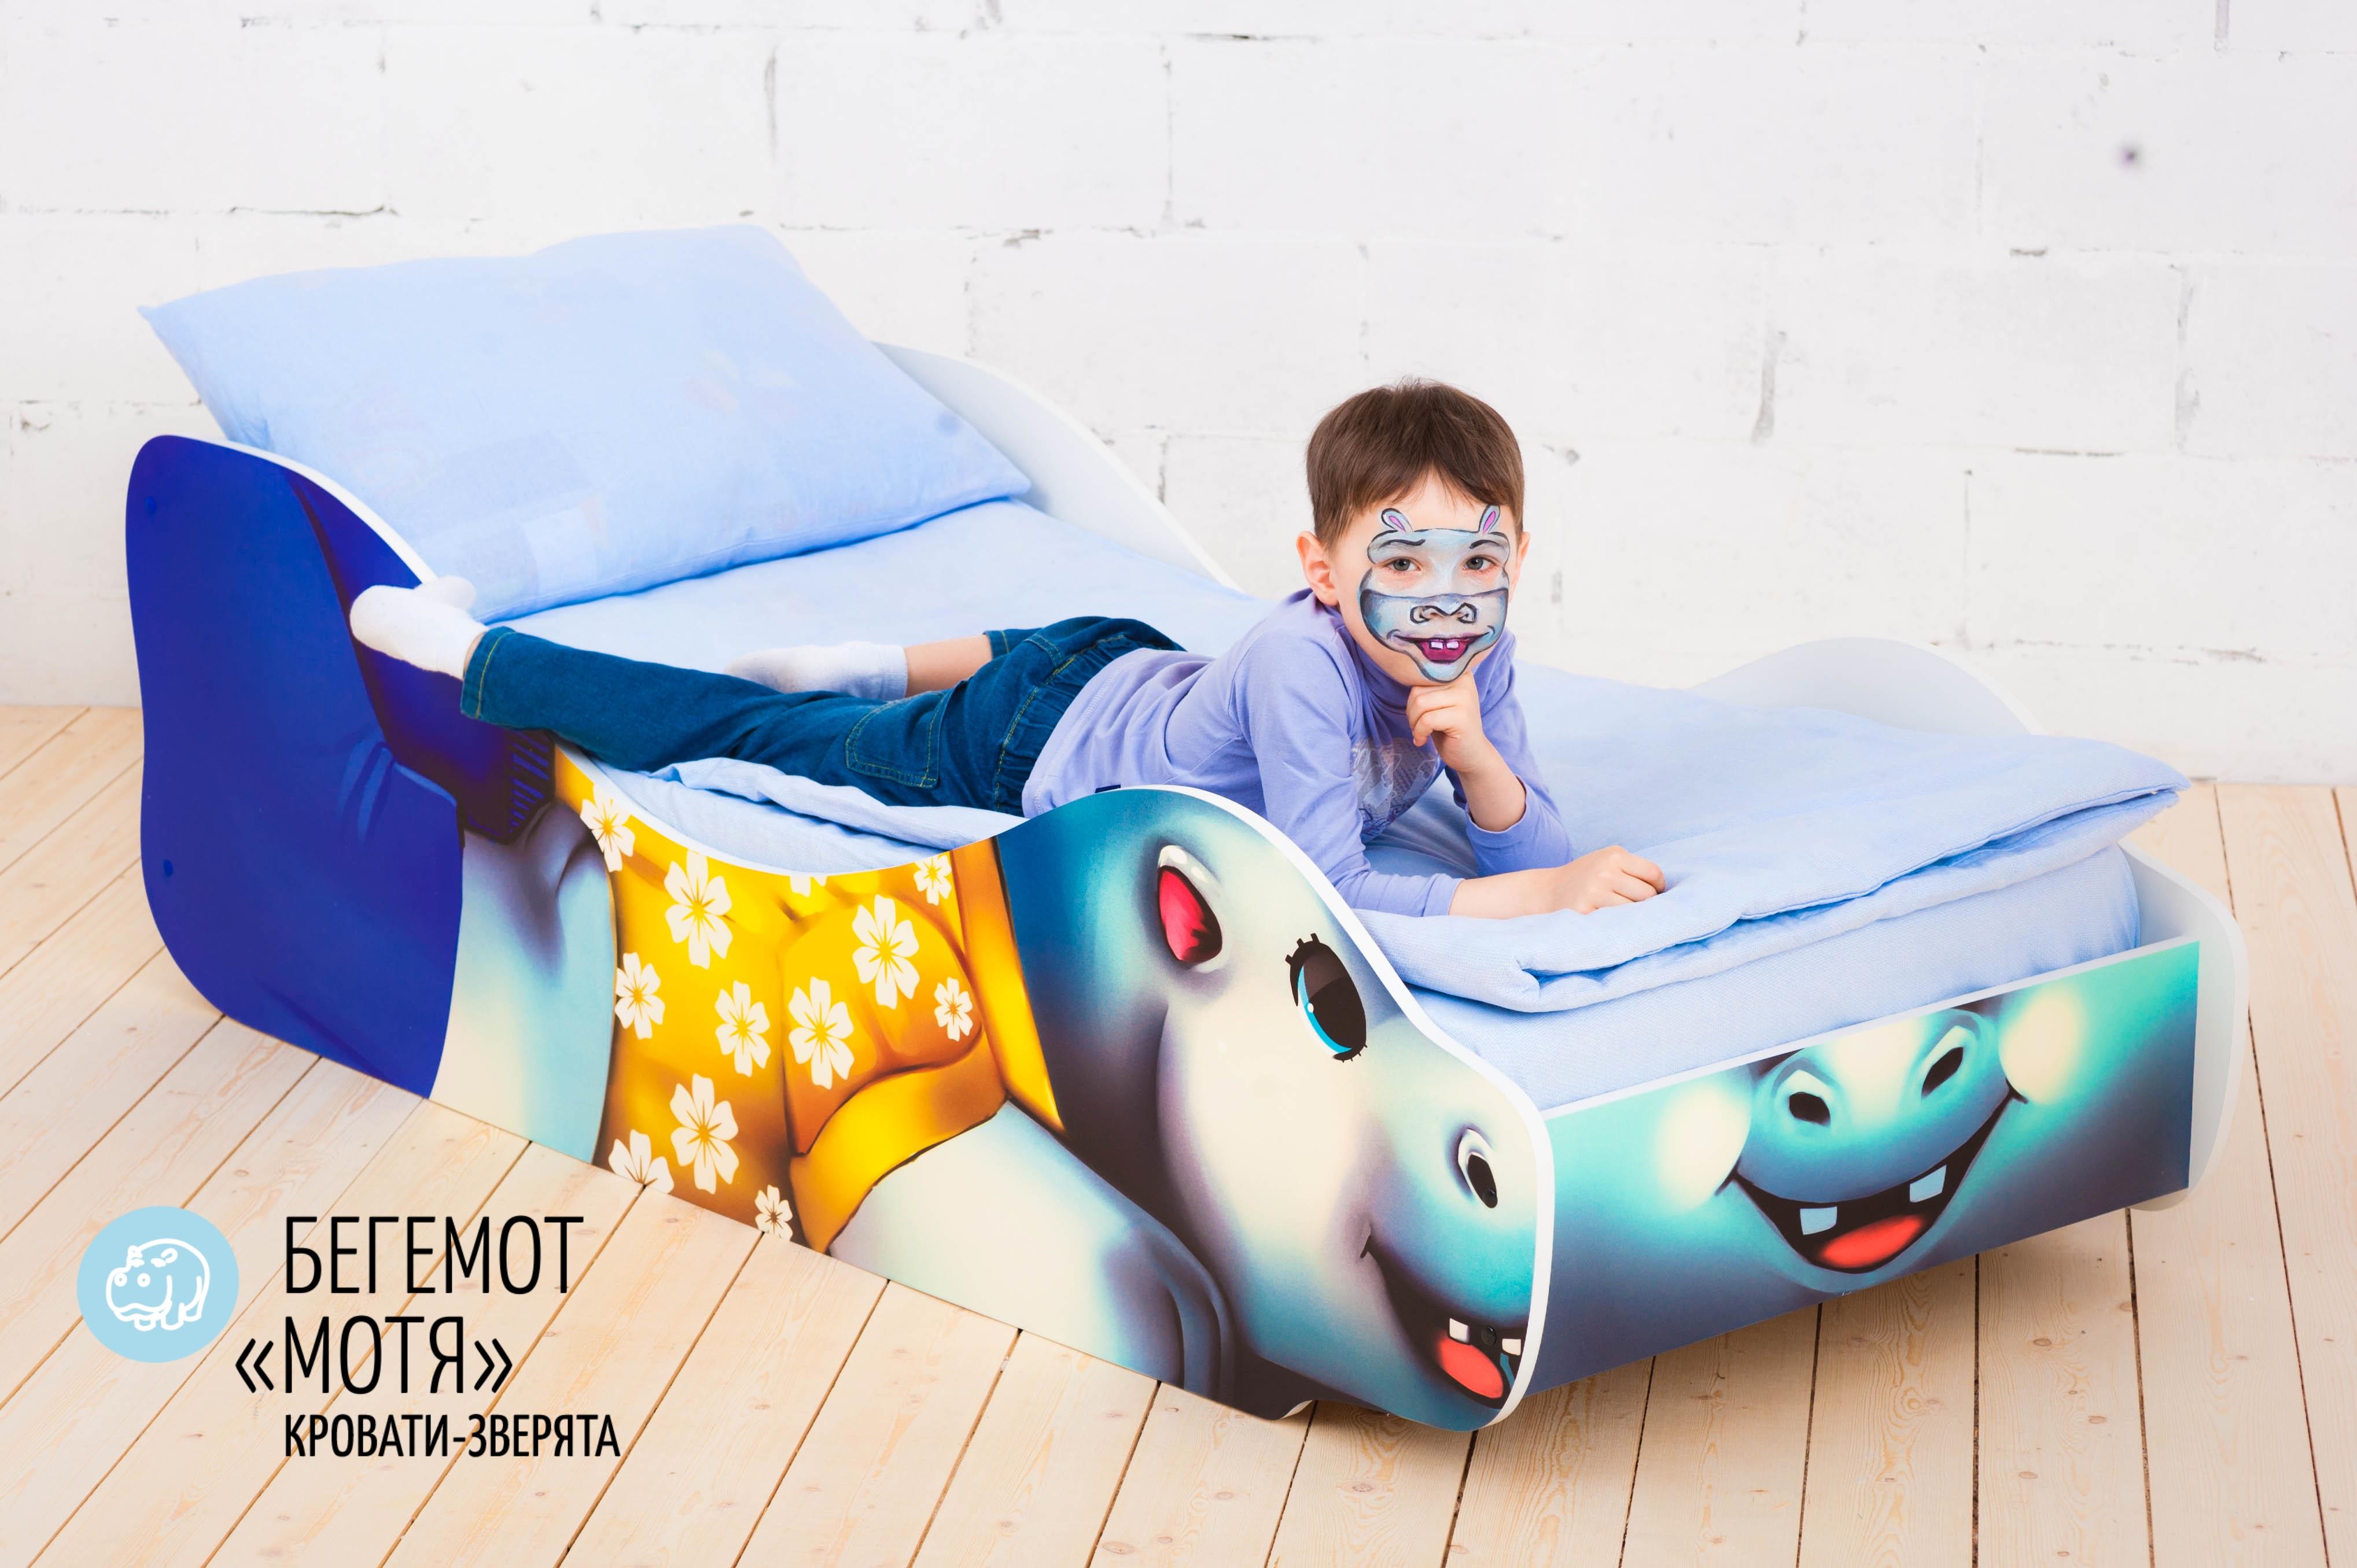 Детская кровать-зверенок -Бегемот-Мотя-16